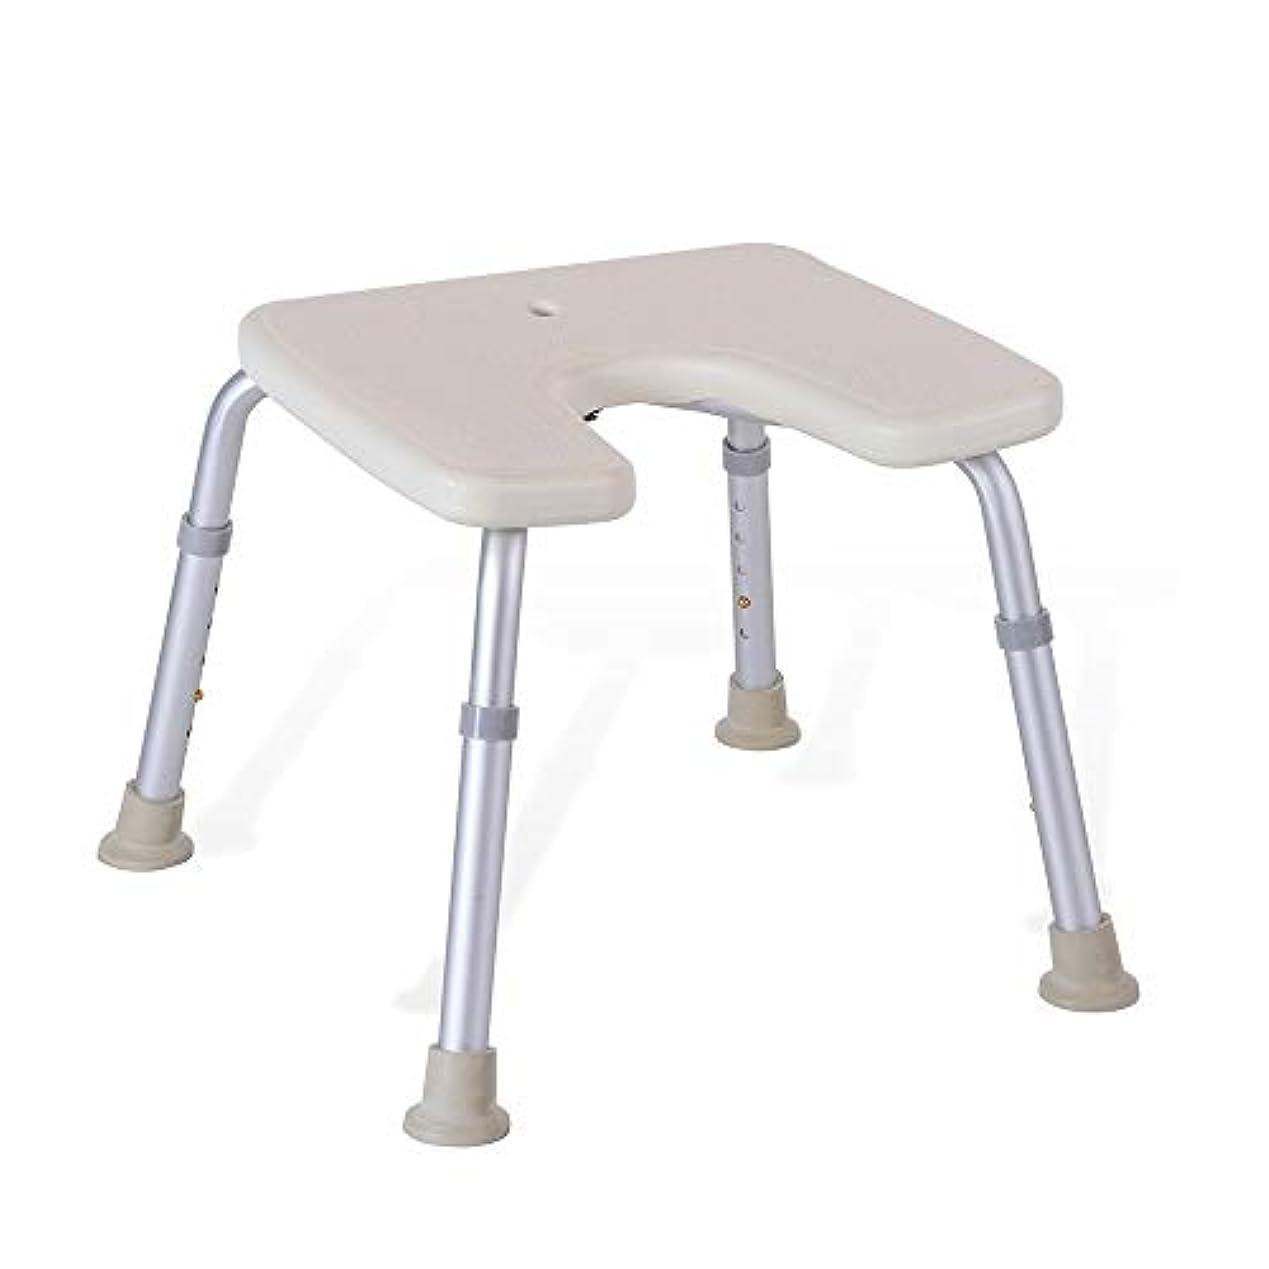 攻撃的希望に満ちた骨調節可能なU字型の高齢者用浴槽シート、バスチェア、保護パッド付きパッド、シャワースツール